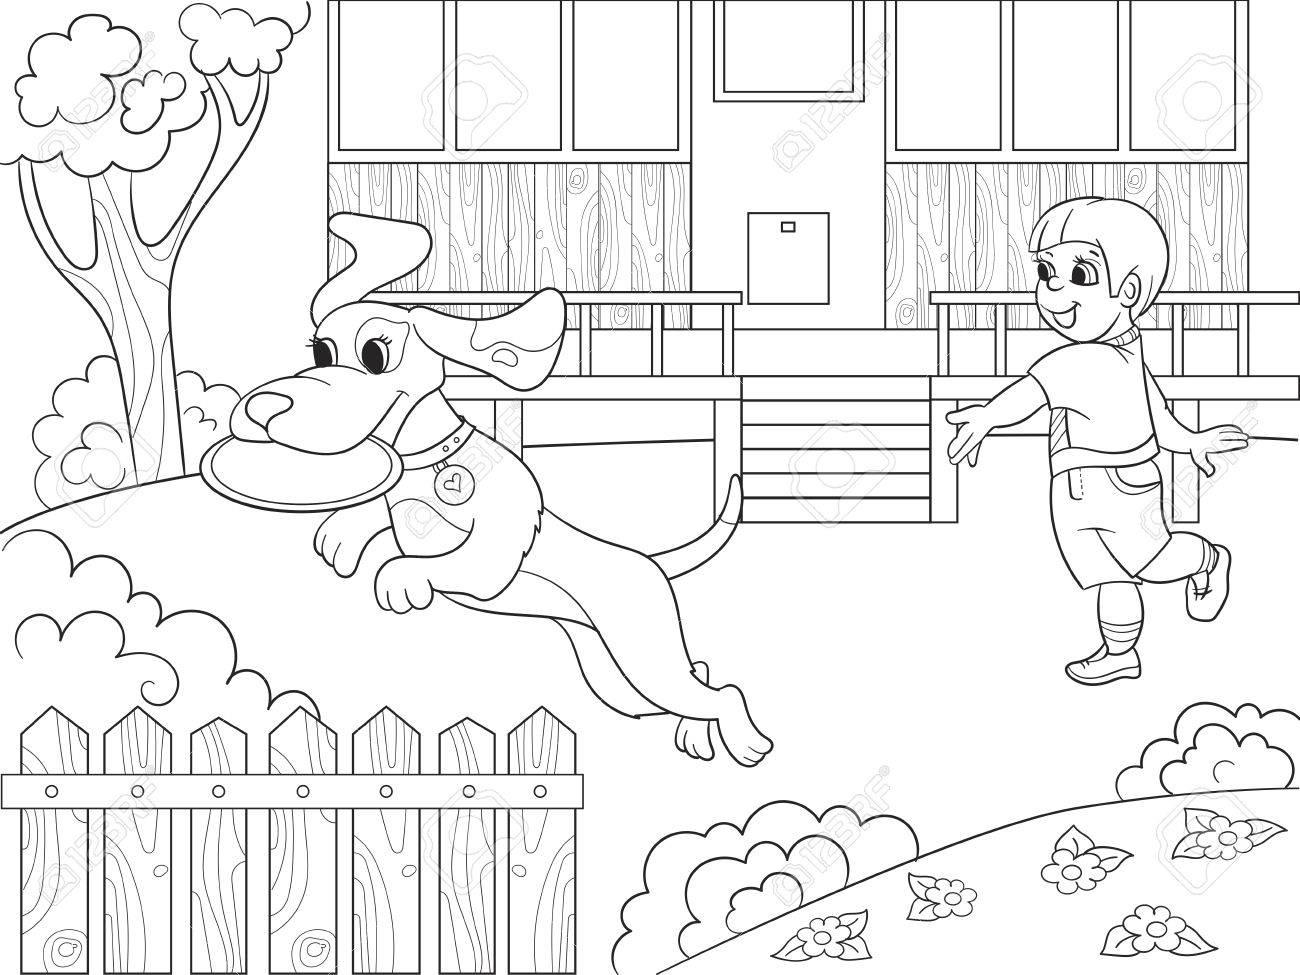 Jugando A Un Niño En La Naturaleza Con Un Perro En Frisbee Para Colorear Para Niños Ilustración Vectorial De Dibujos Animados En Blanco Y Negro